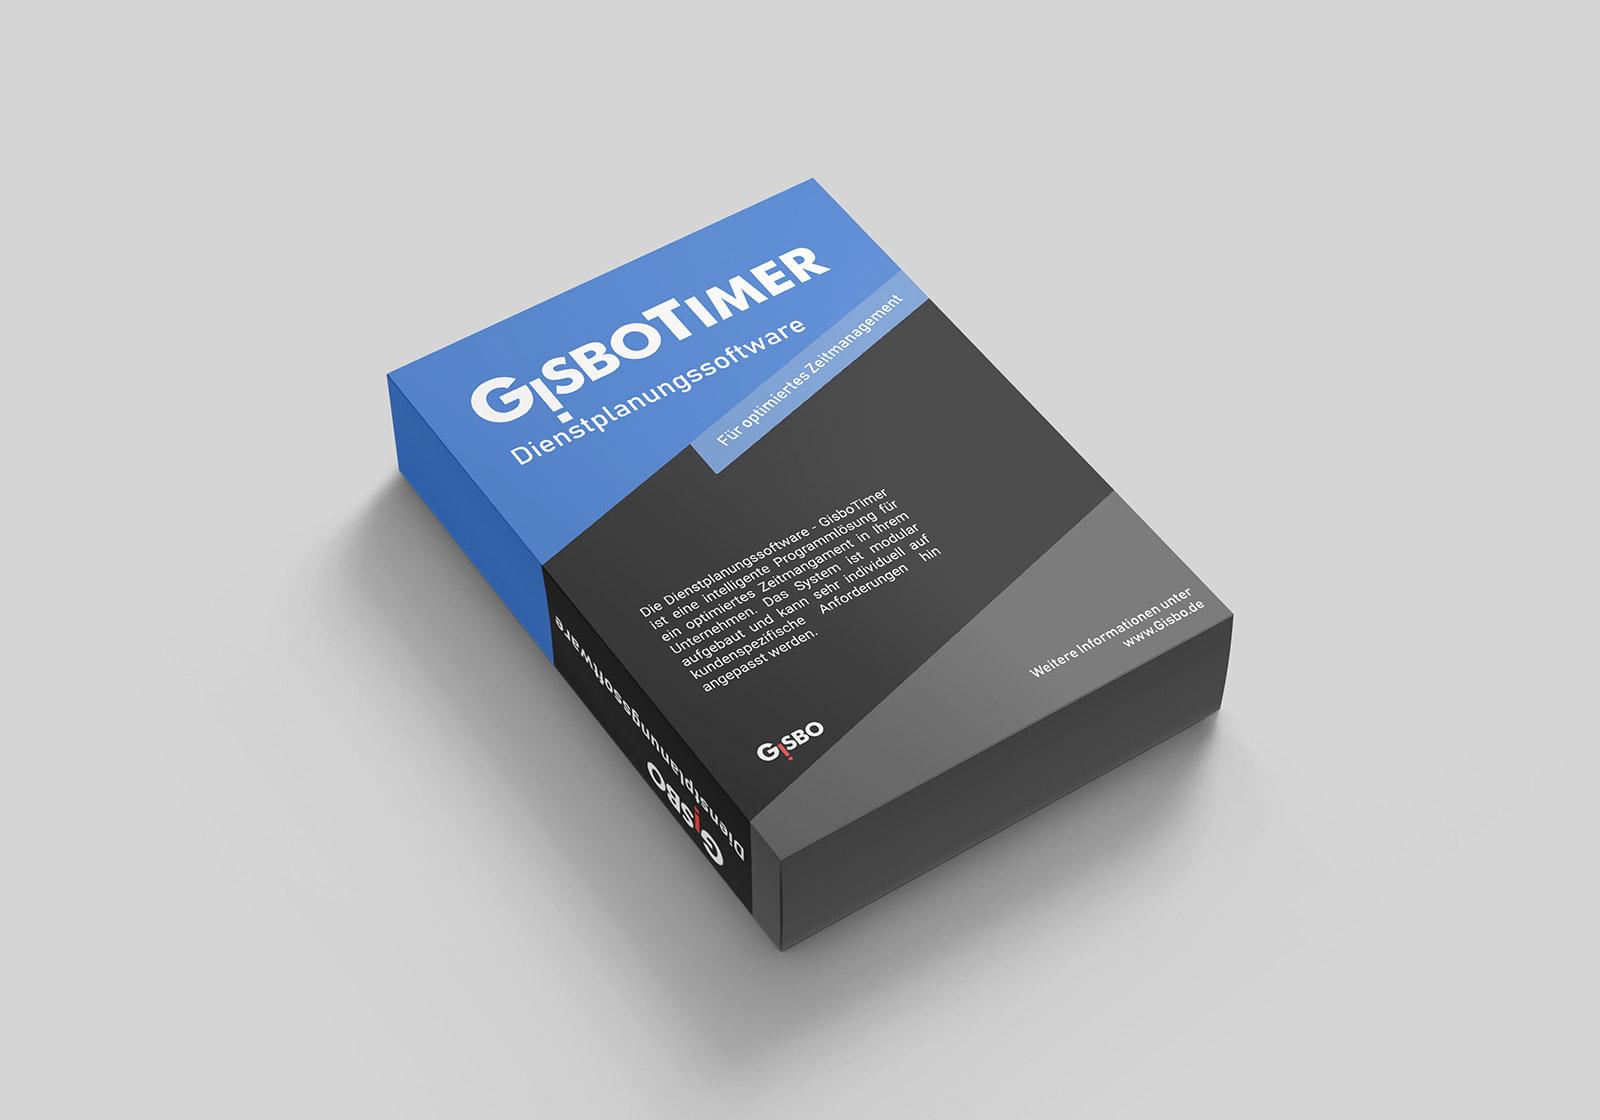 Bild von der Verpackung der Software GisboTimer